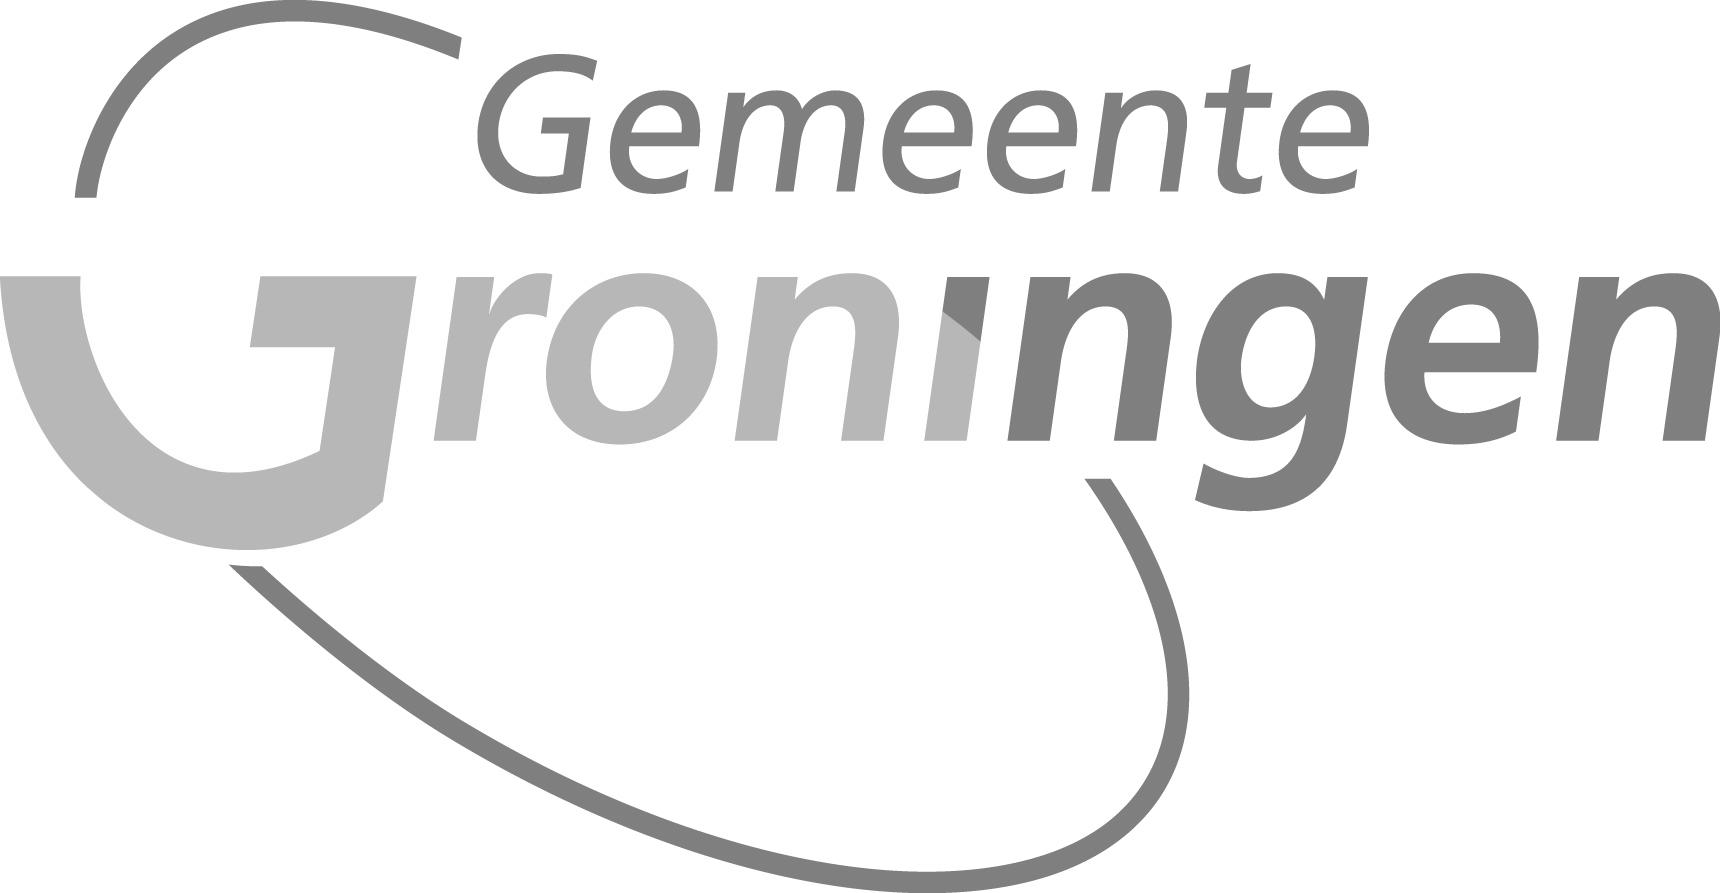 Gemeente-Groningen.png